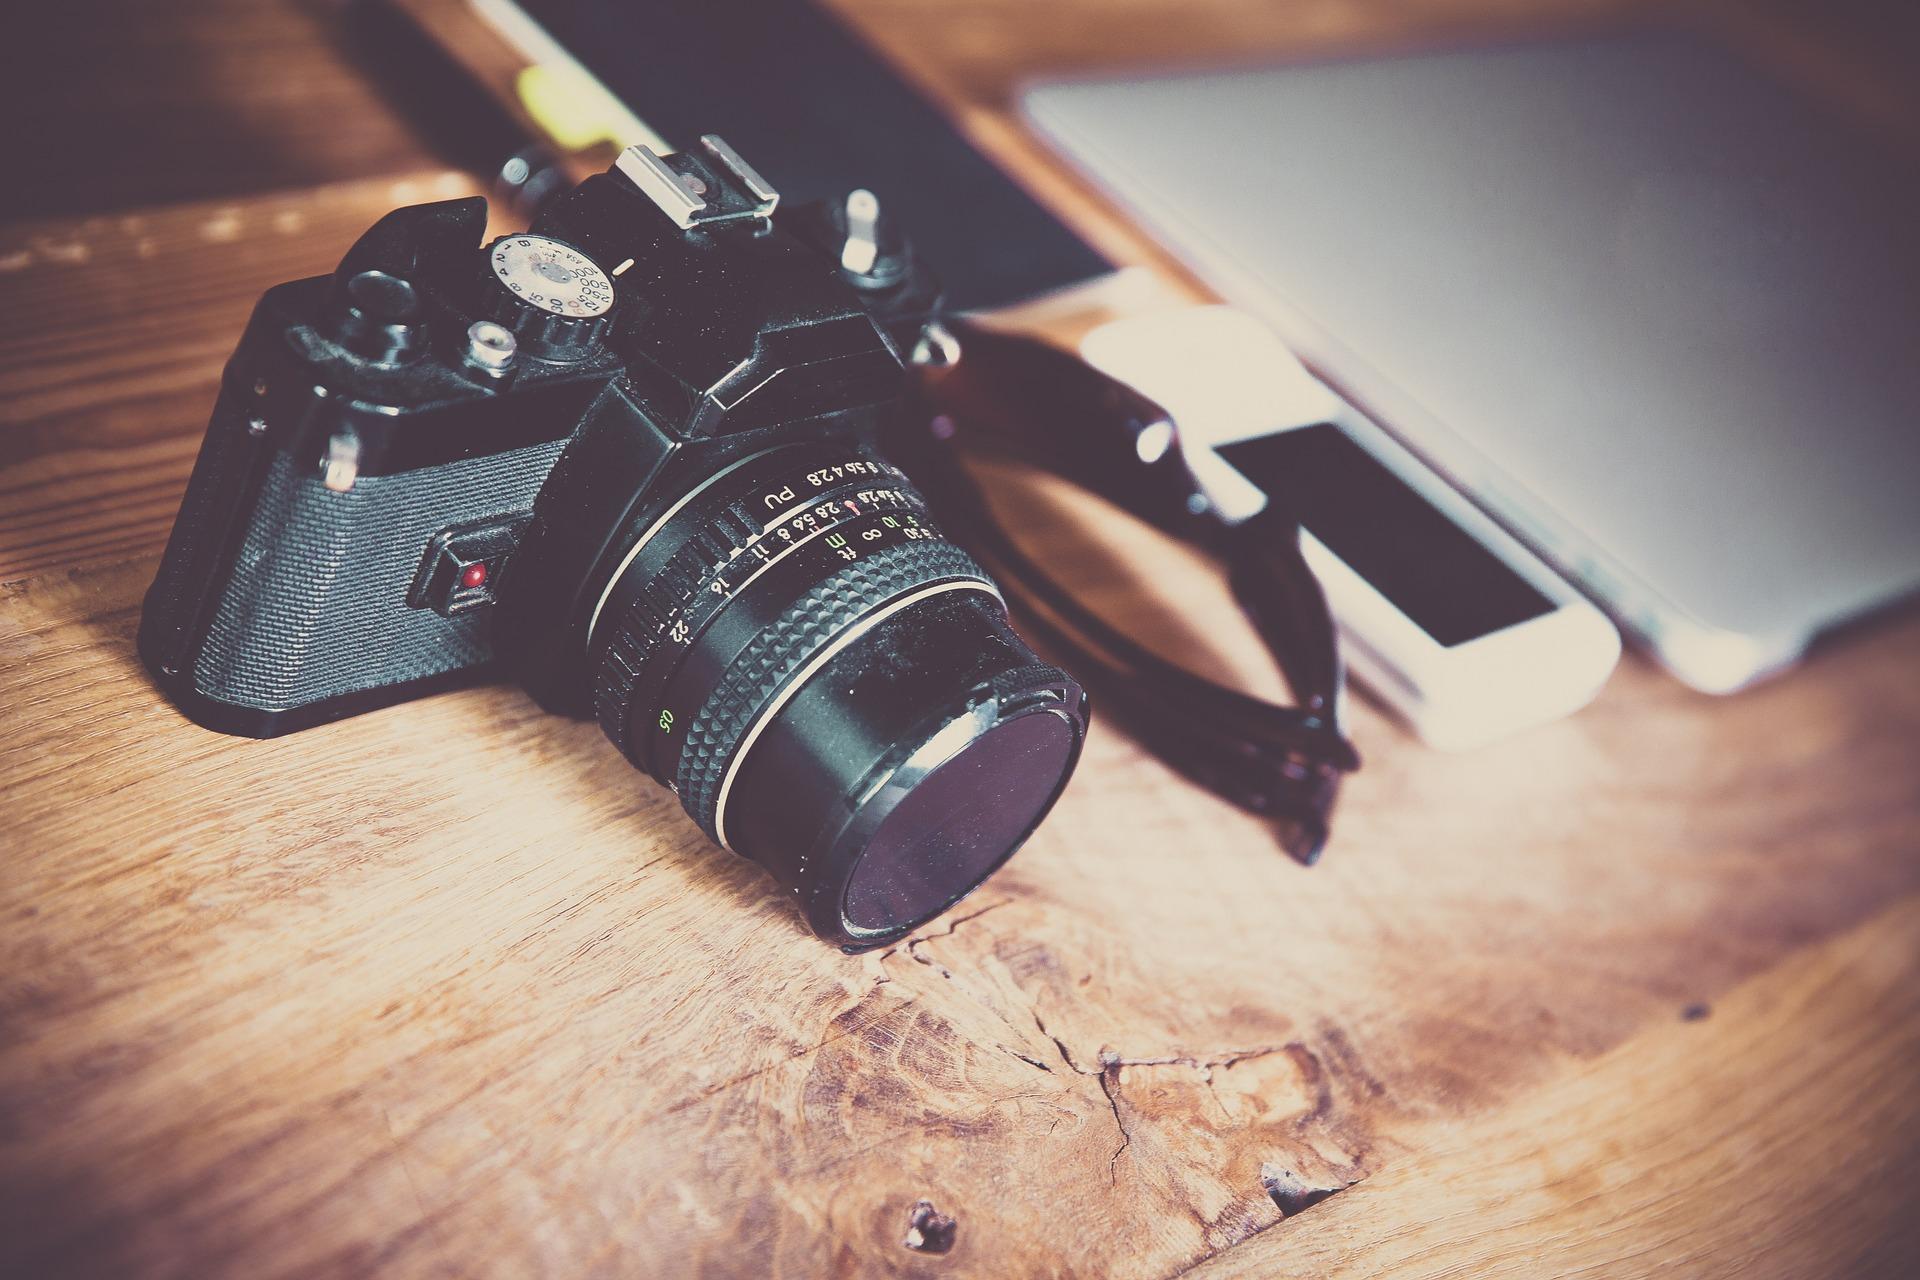 Assim como câmera fotográfica, notebook pessoal, seja novo ou usado, é considerado bagagem e não precisa de nota fiscal